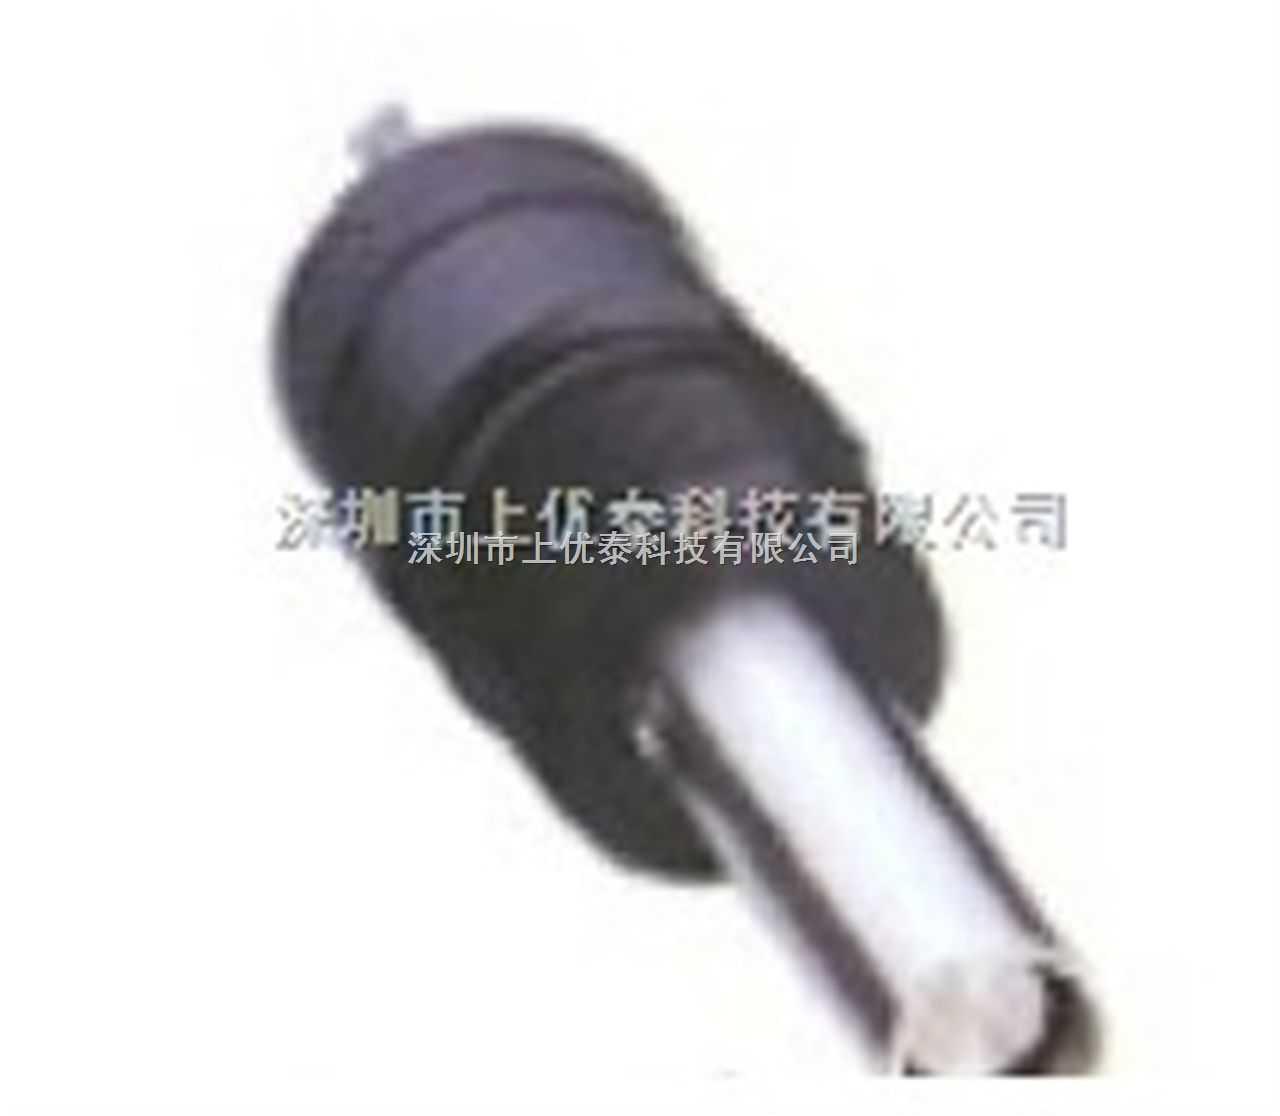 工業電導電極,深圳電導電極,廣東電導電極